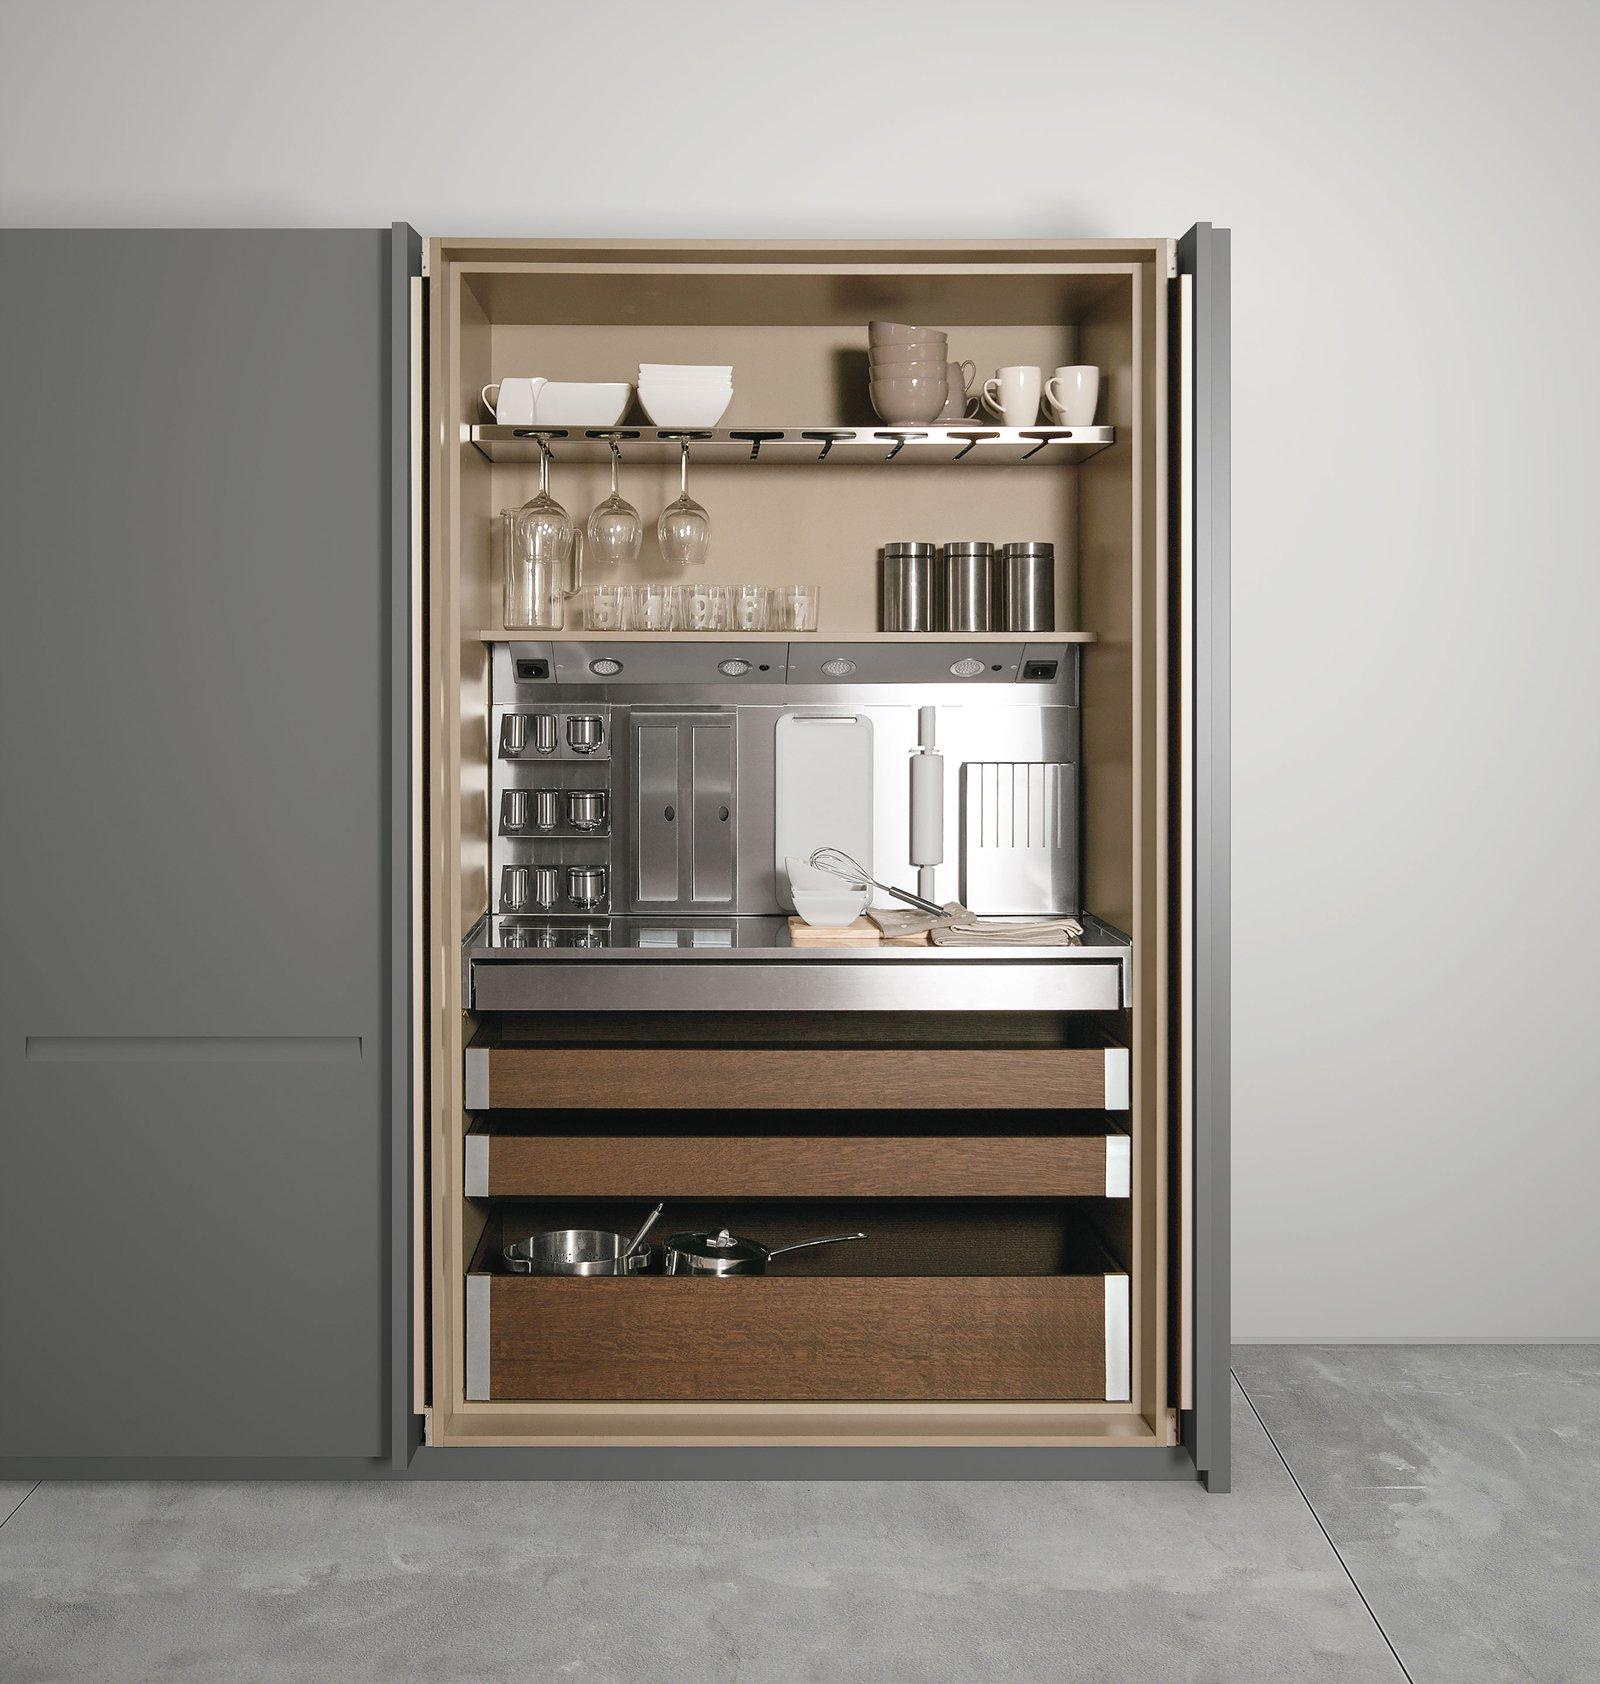 Mini cucina jolly salvaspazio dalle funzioni dichiarate o insospettabili - Cucine compatte prezzi ...